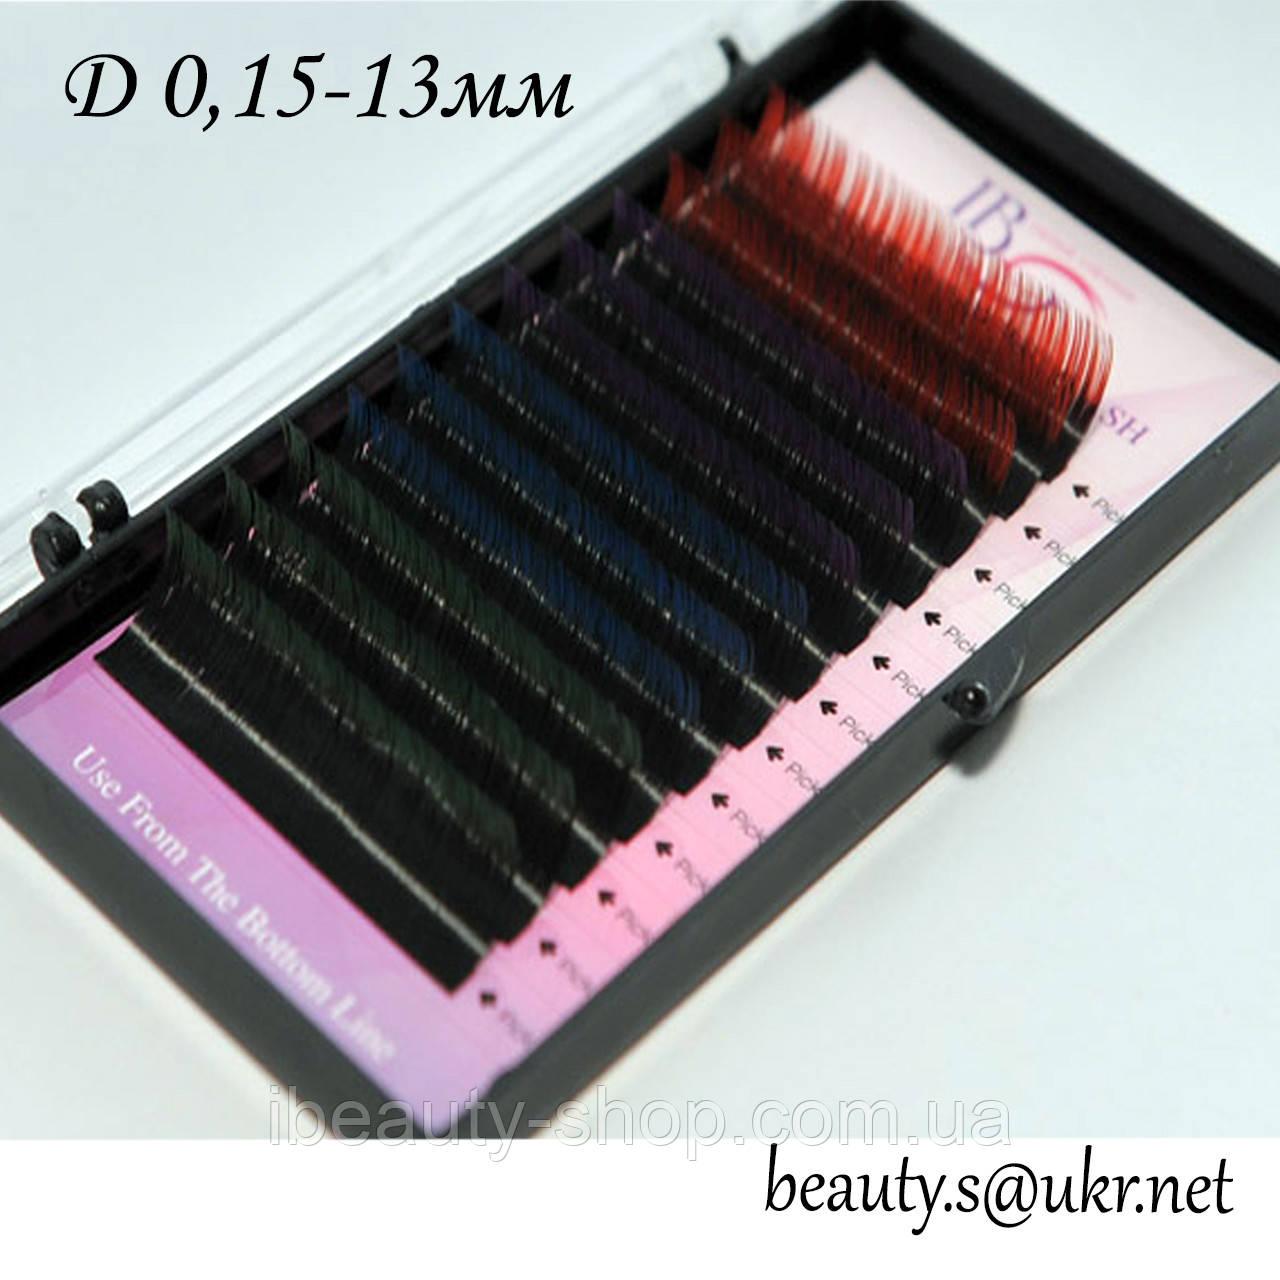 Вії I-Beauty, Д 0,15-13мм,кольорові кінці,4 кольори